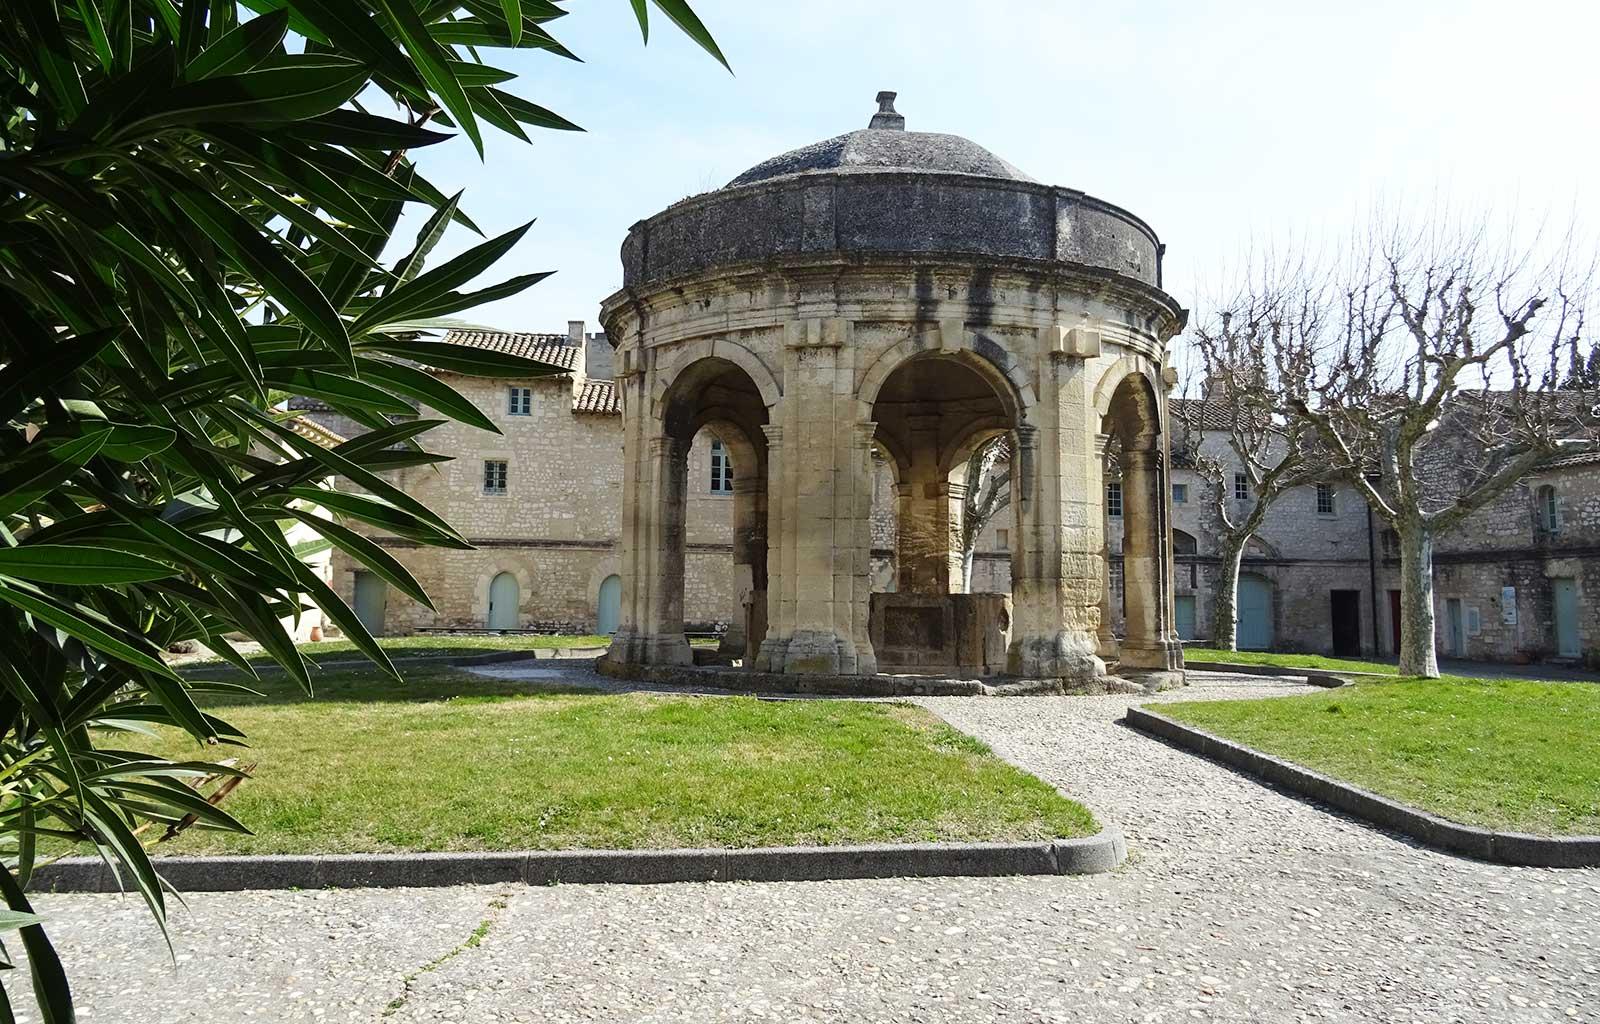 Villeneuve-lès-avignon la Chartreuse